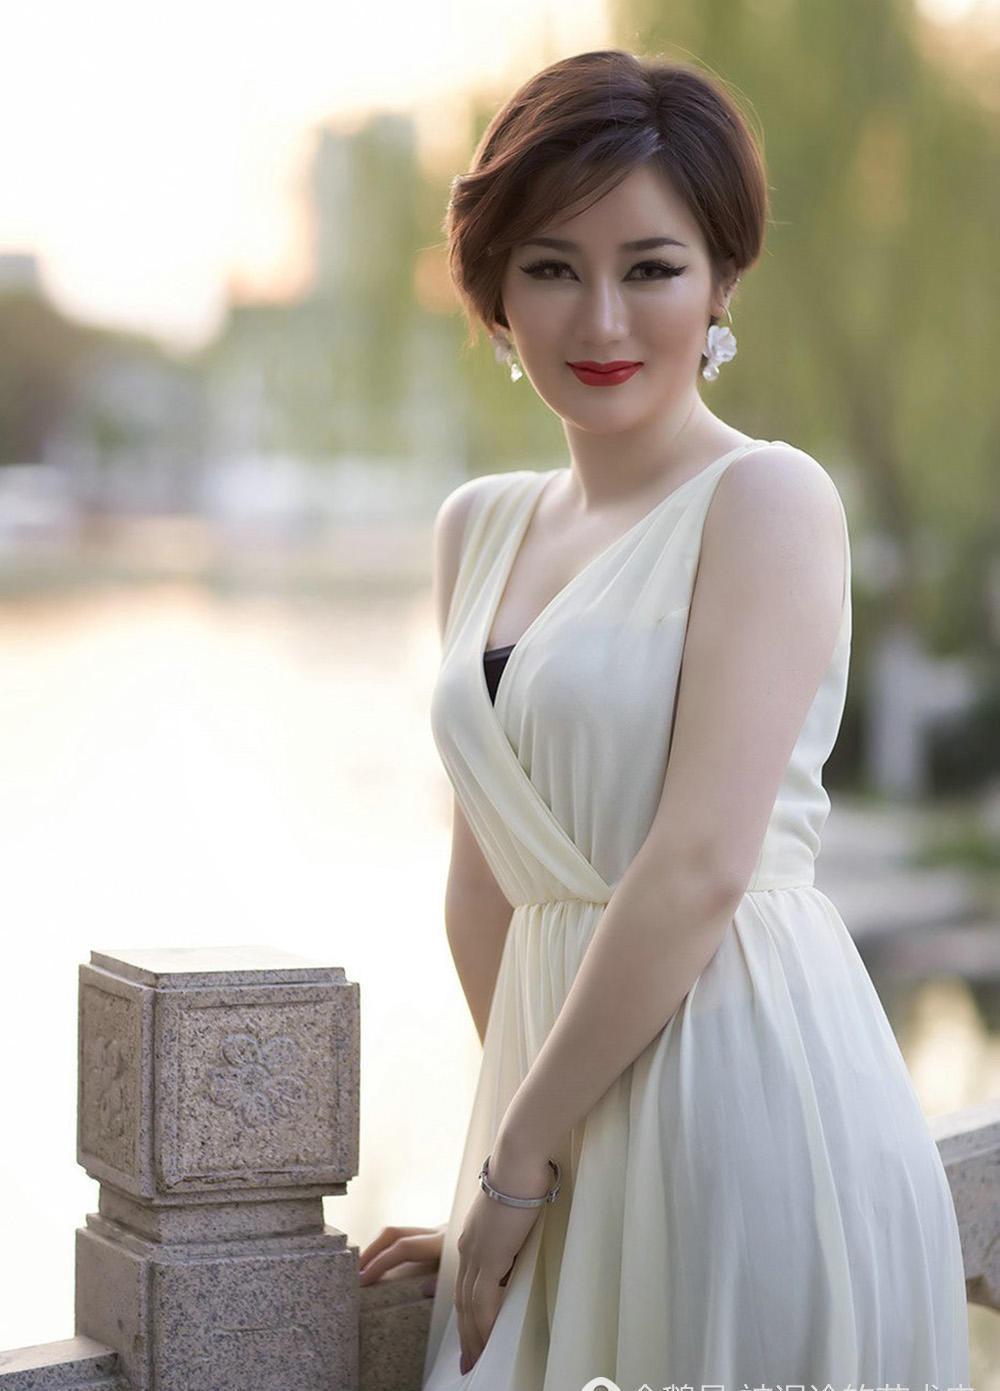 谁说短发女生不好看, 她优雅高贵显气质丽人如玉